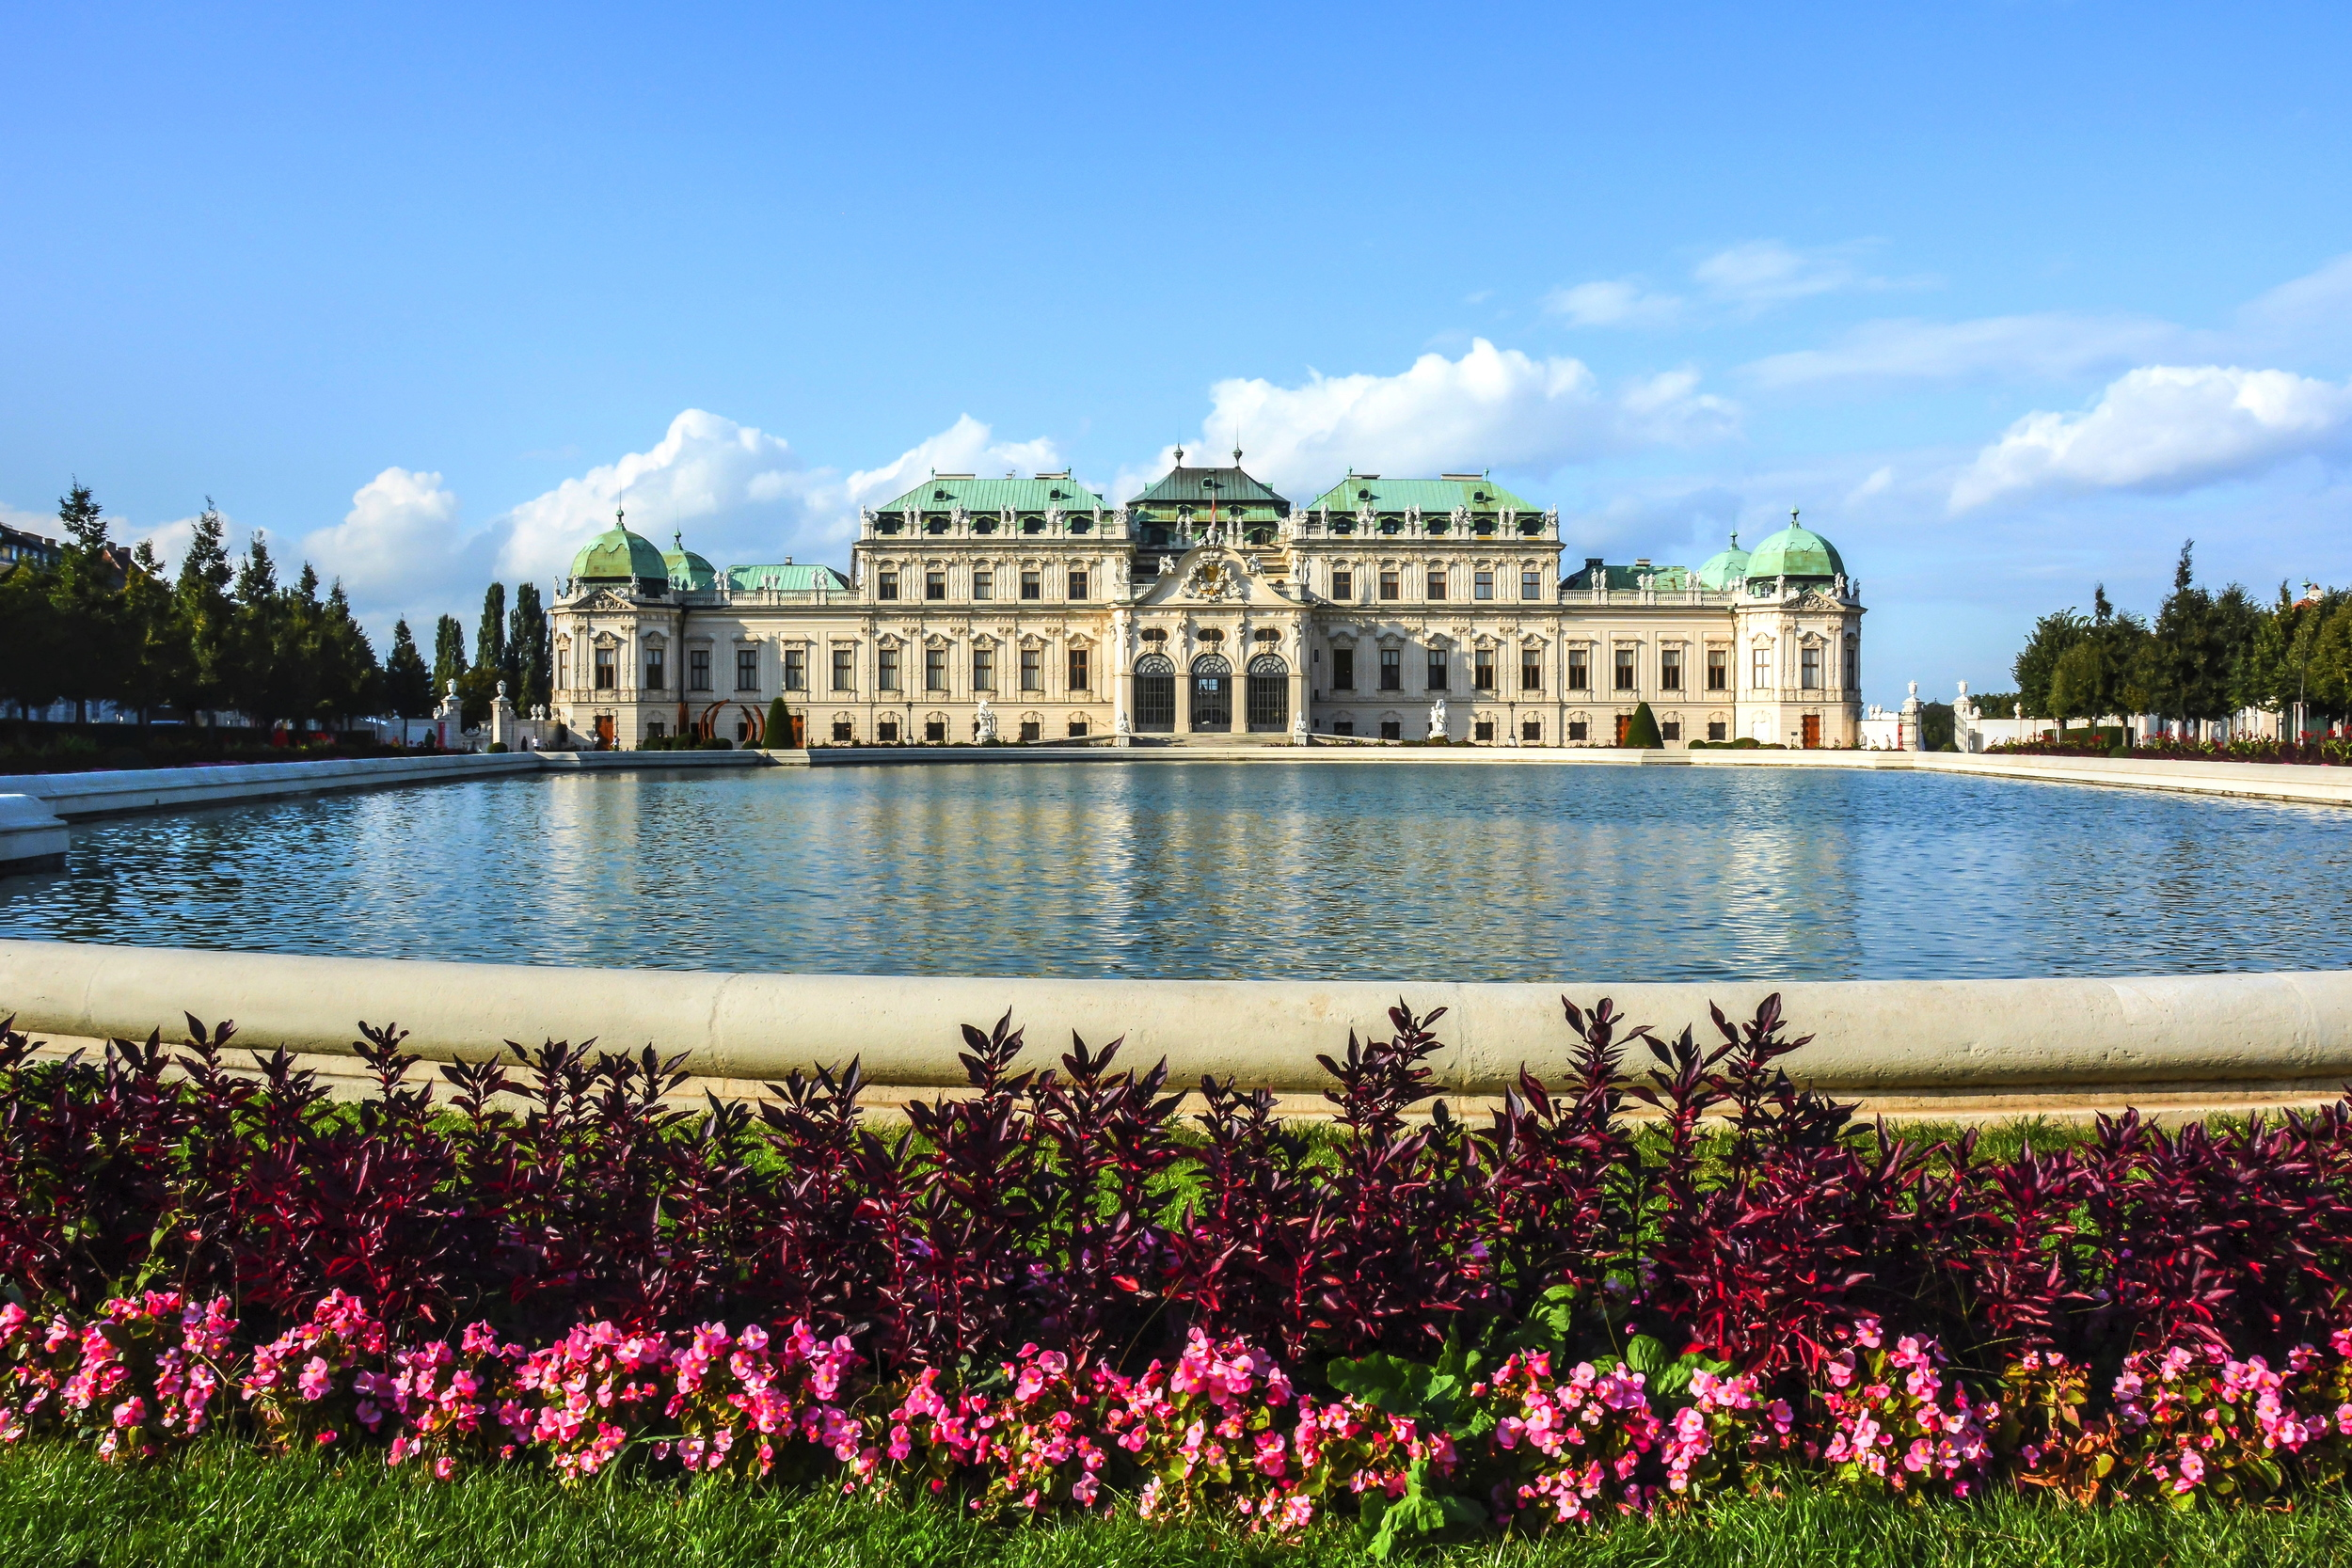 European Extravagance - Belvedere Palace (Vienna, Austria)